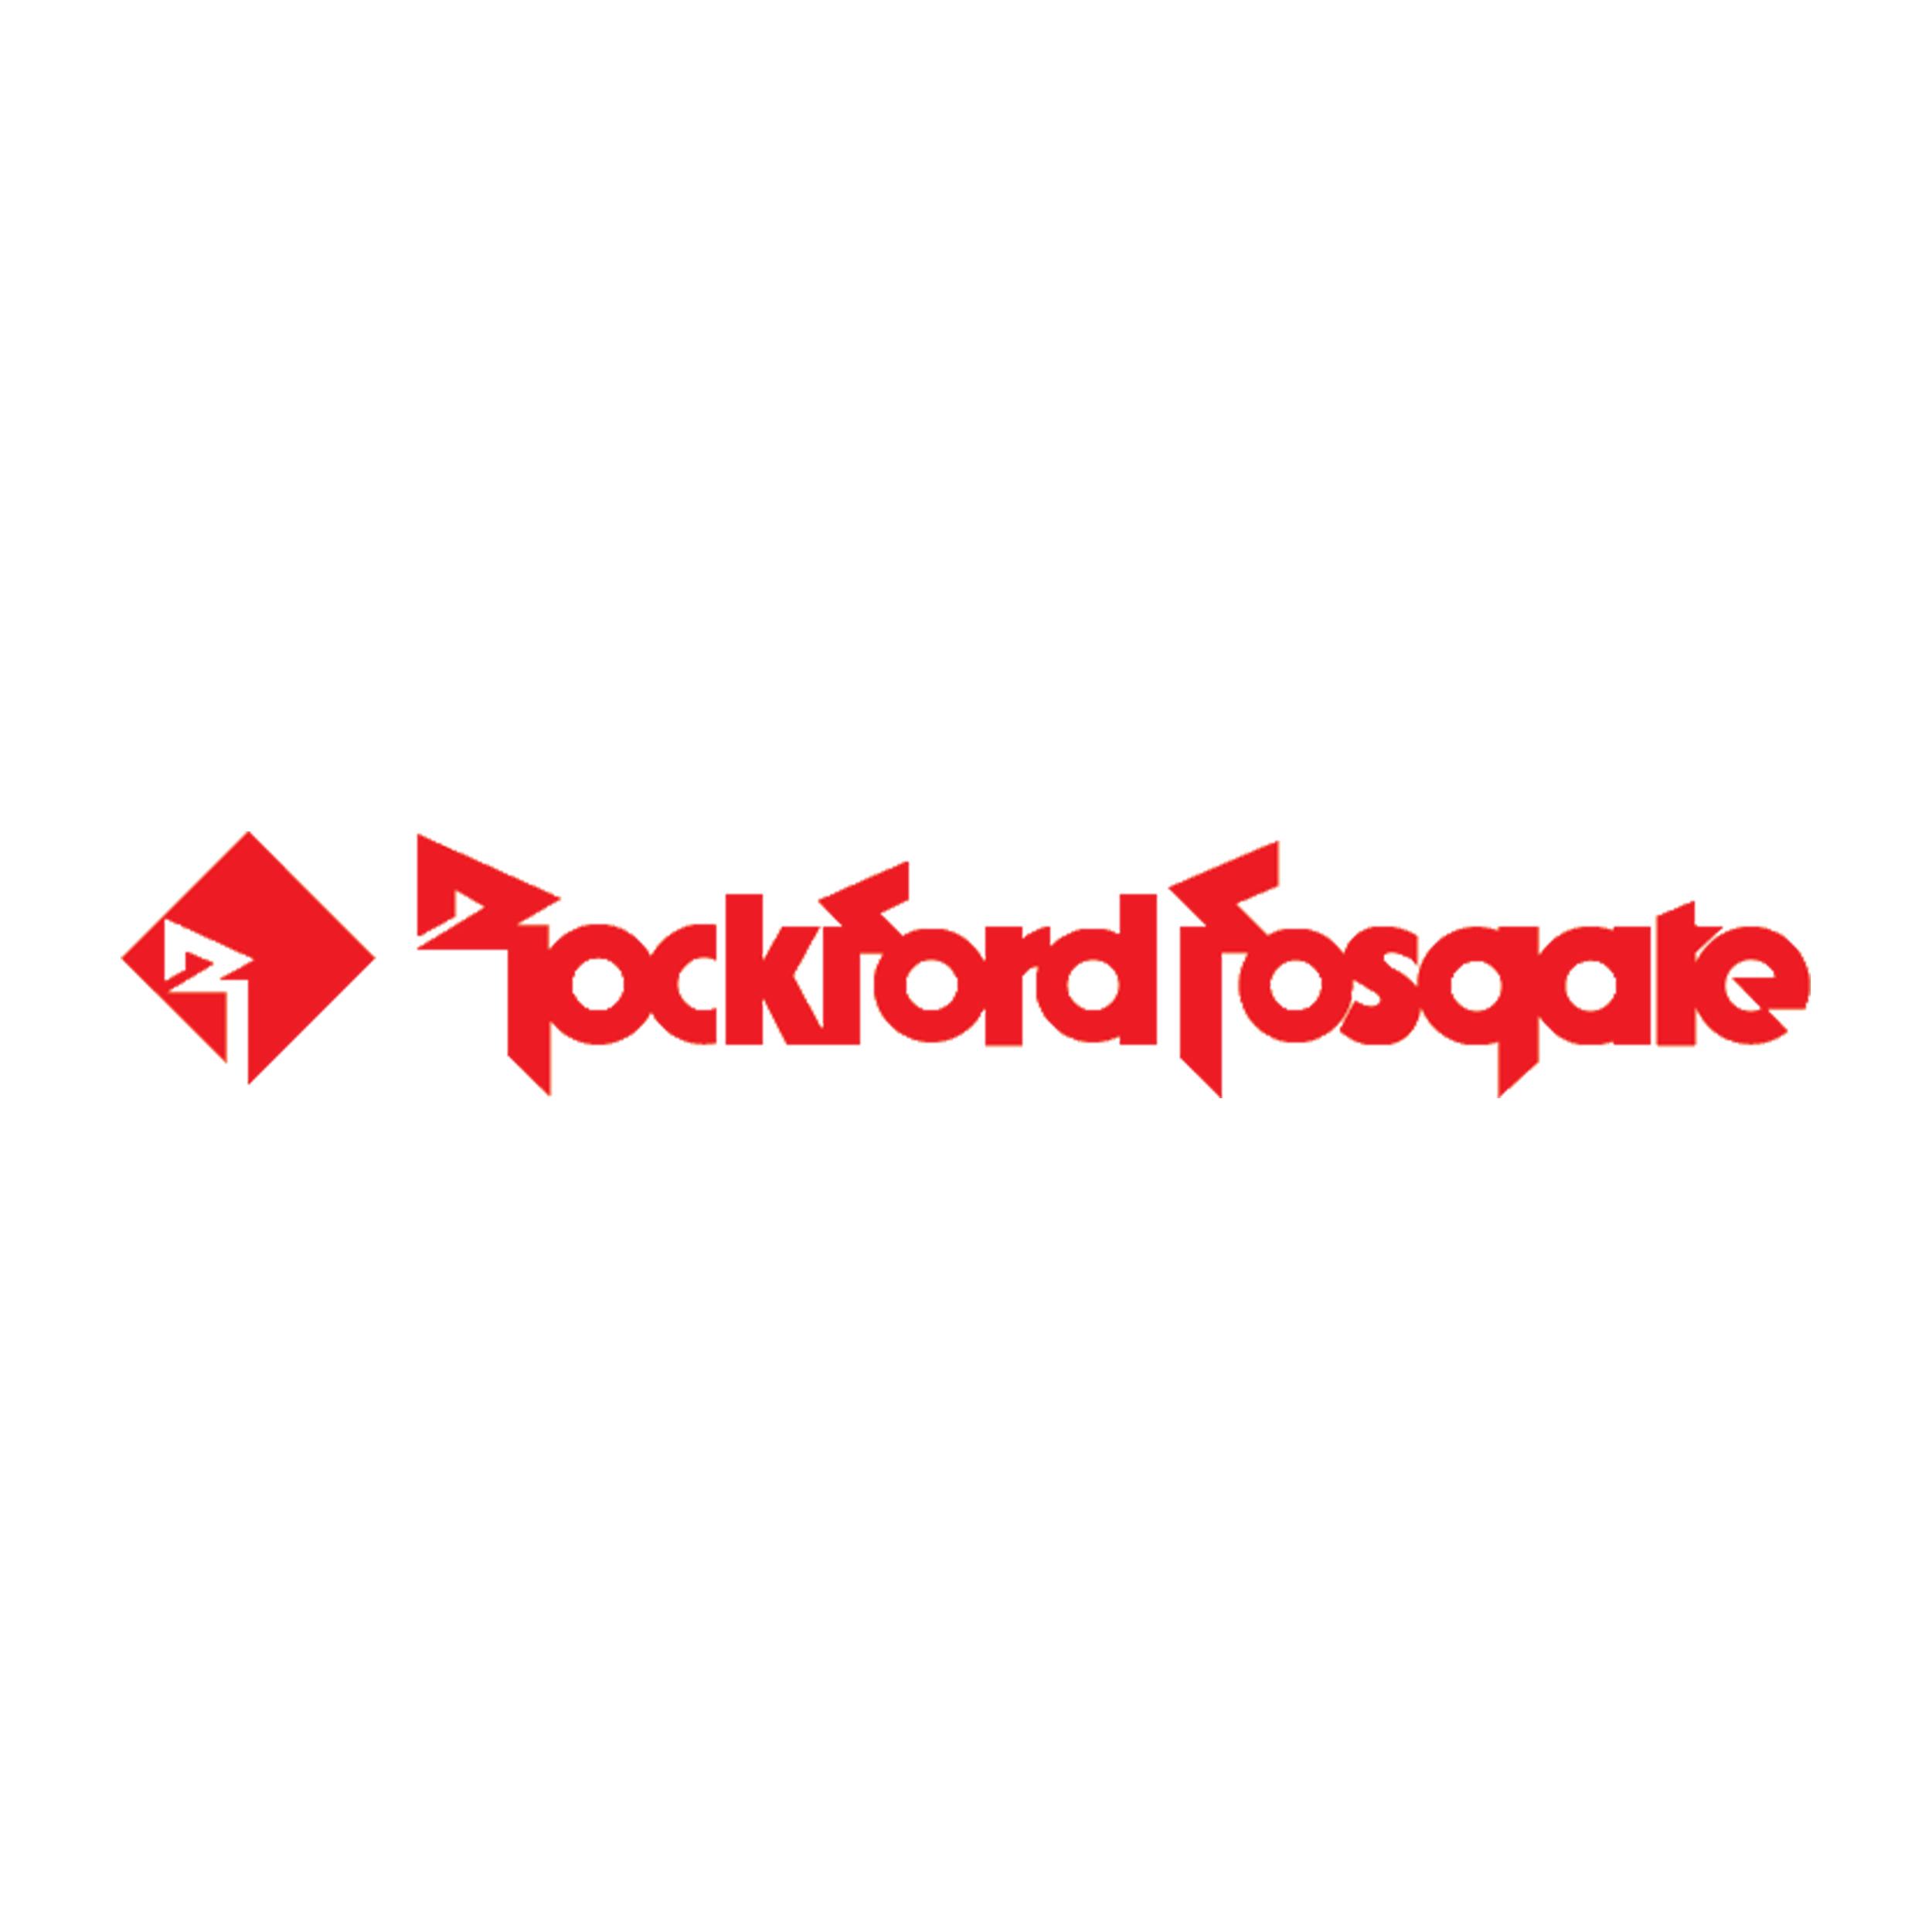 Rockford Logo Square.jpg